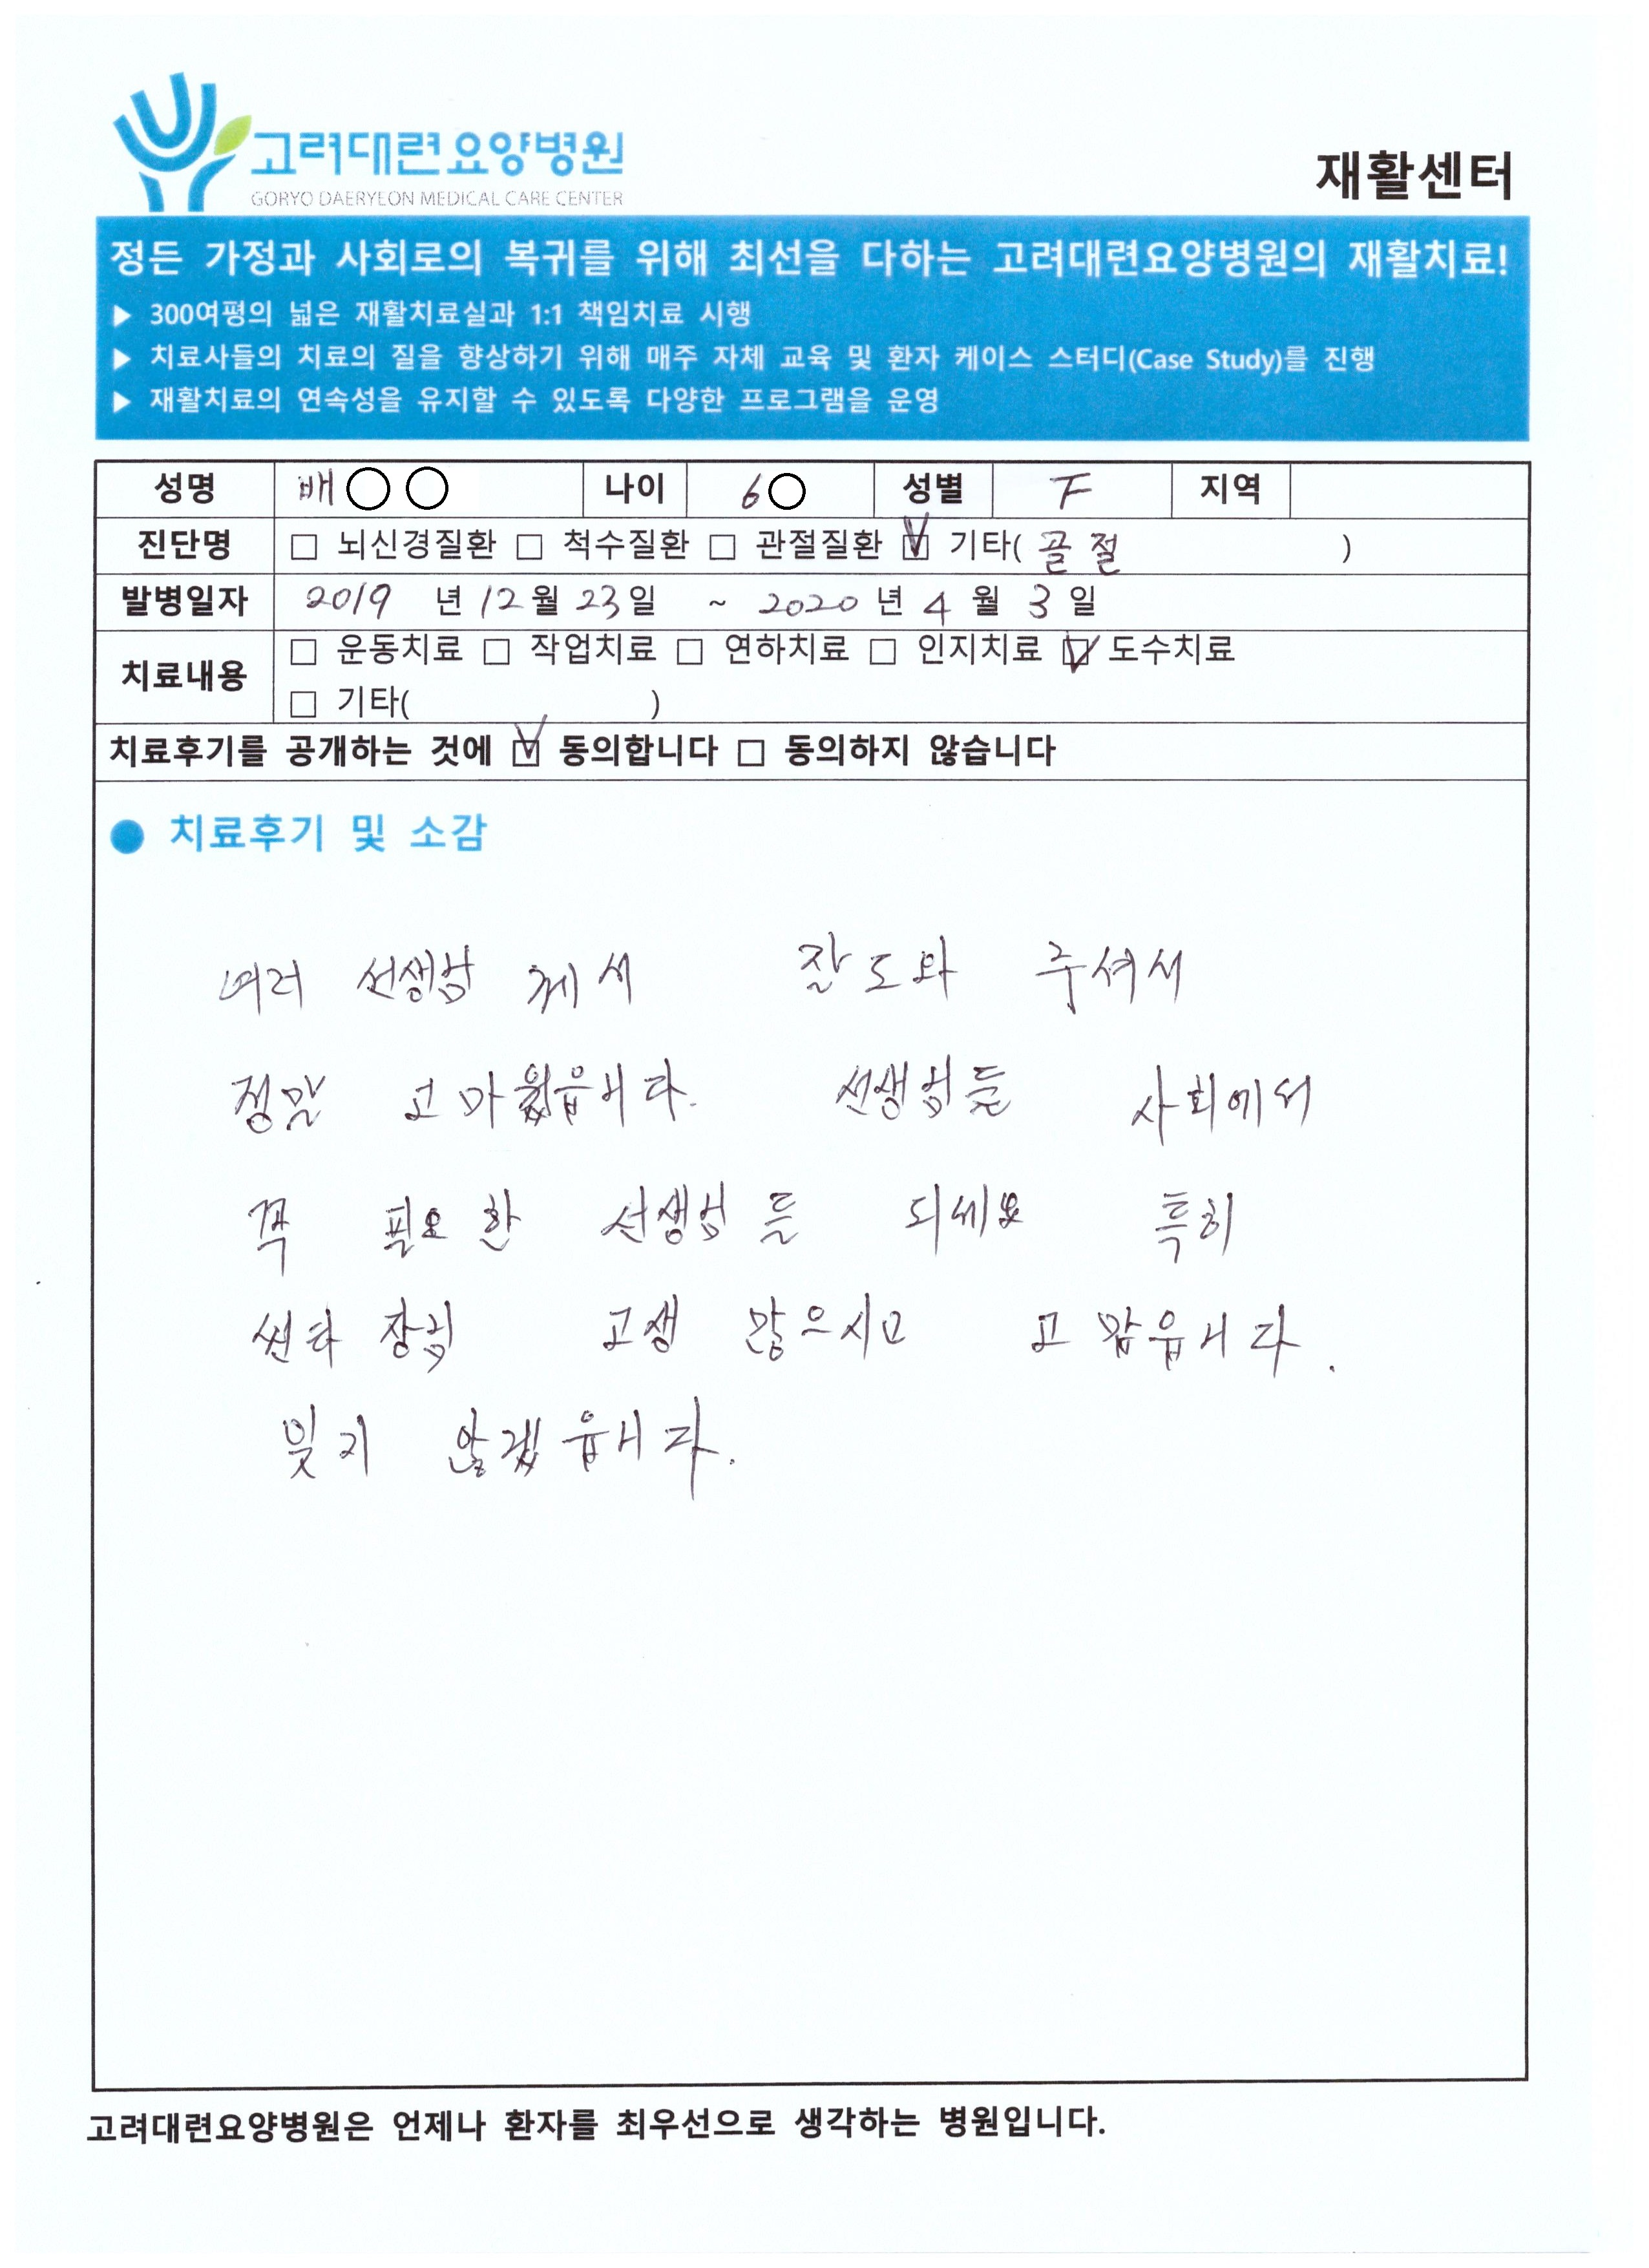 [재활센터] 배OO 치료후기